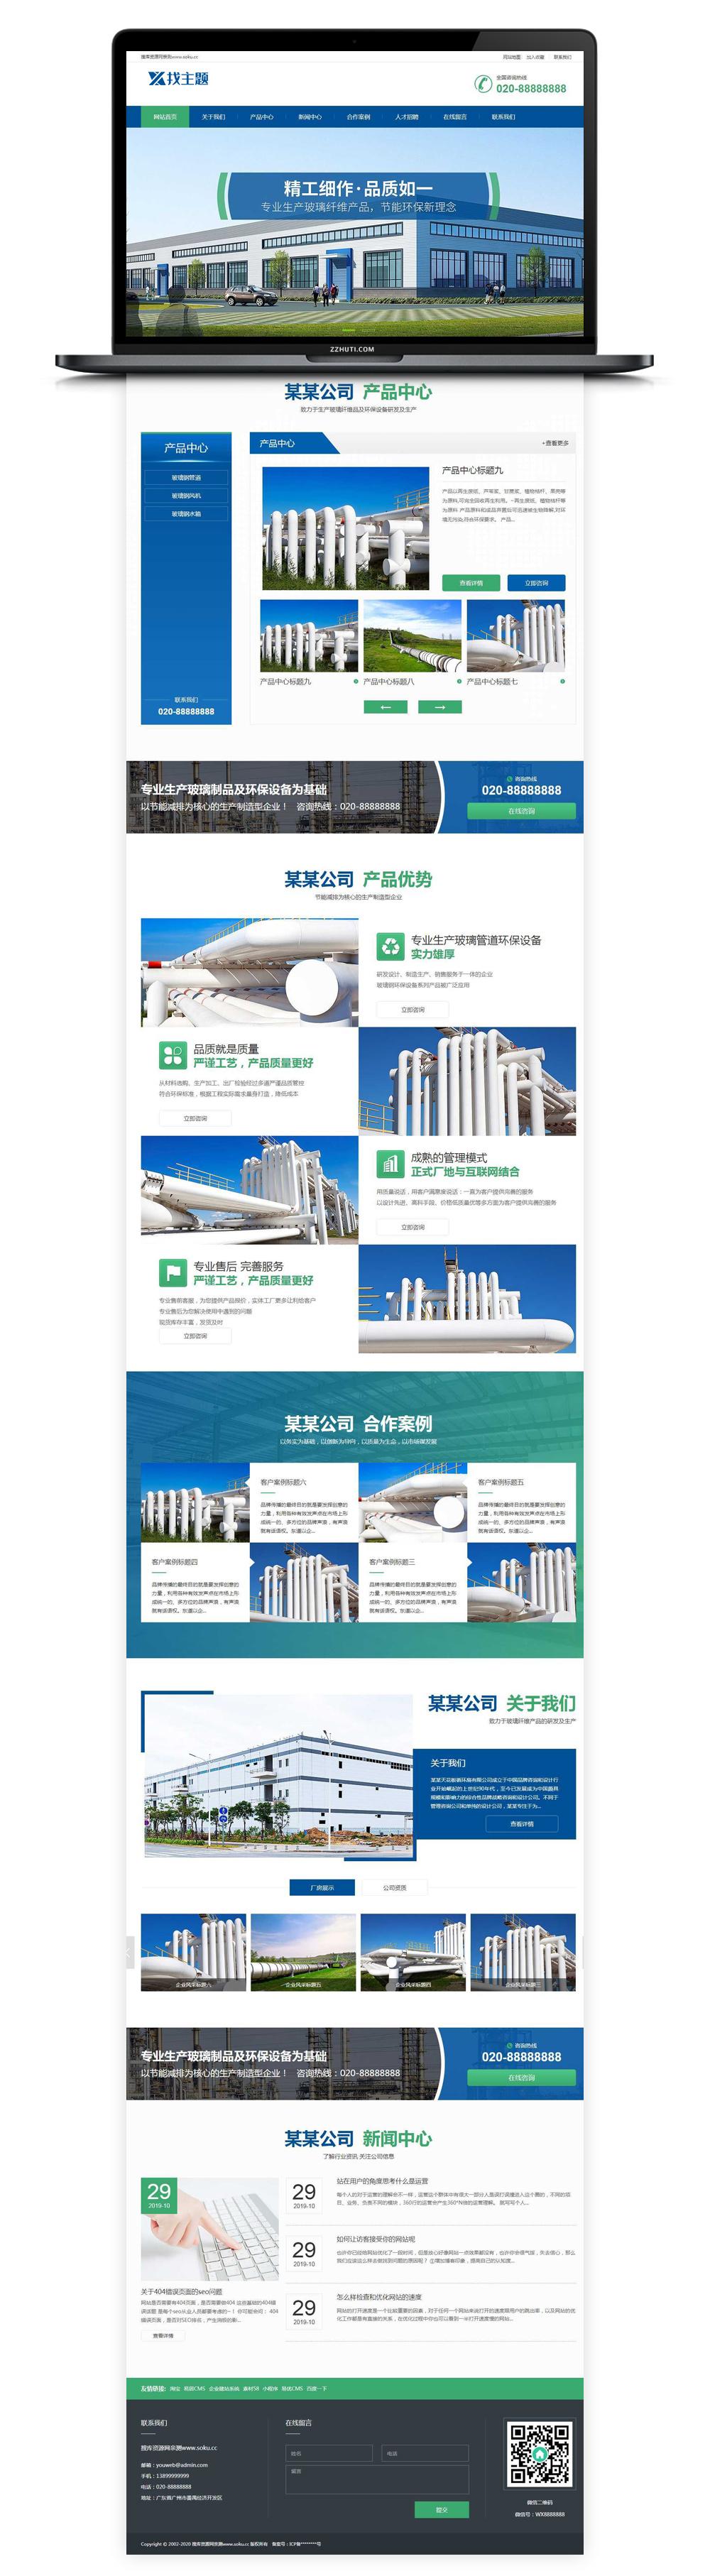 【织梦化工企业模板】最新营销型蓝色环保玻璃纤维精工精细化工设备类网站dede模板-蓝汇源码